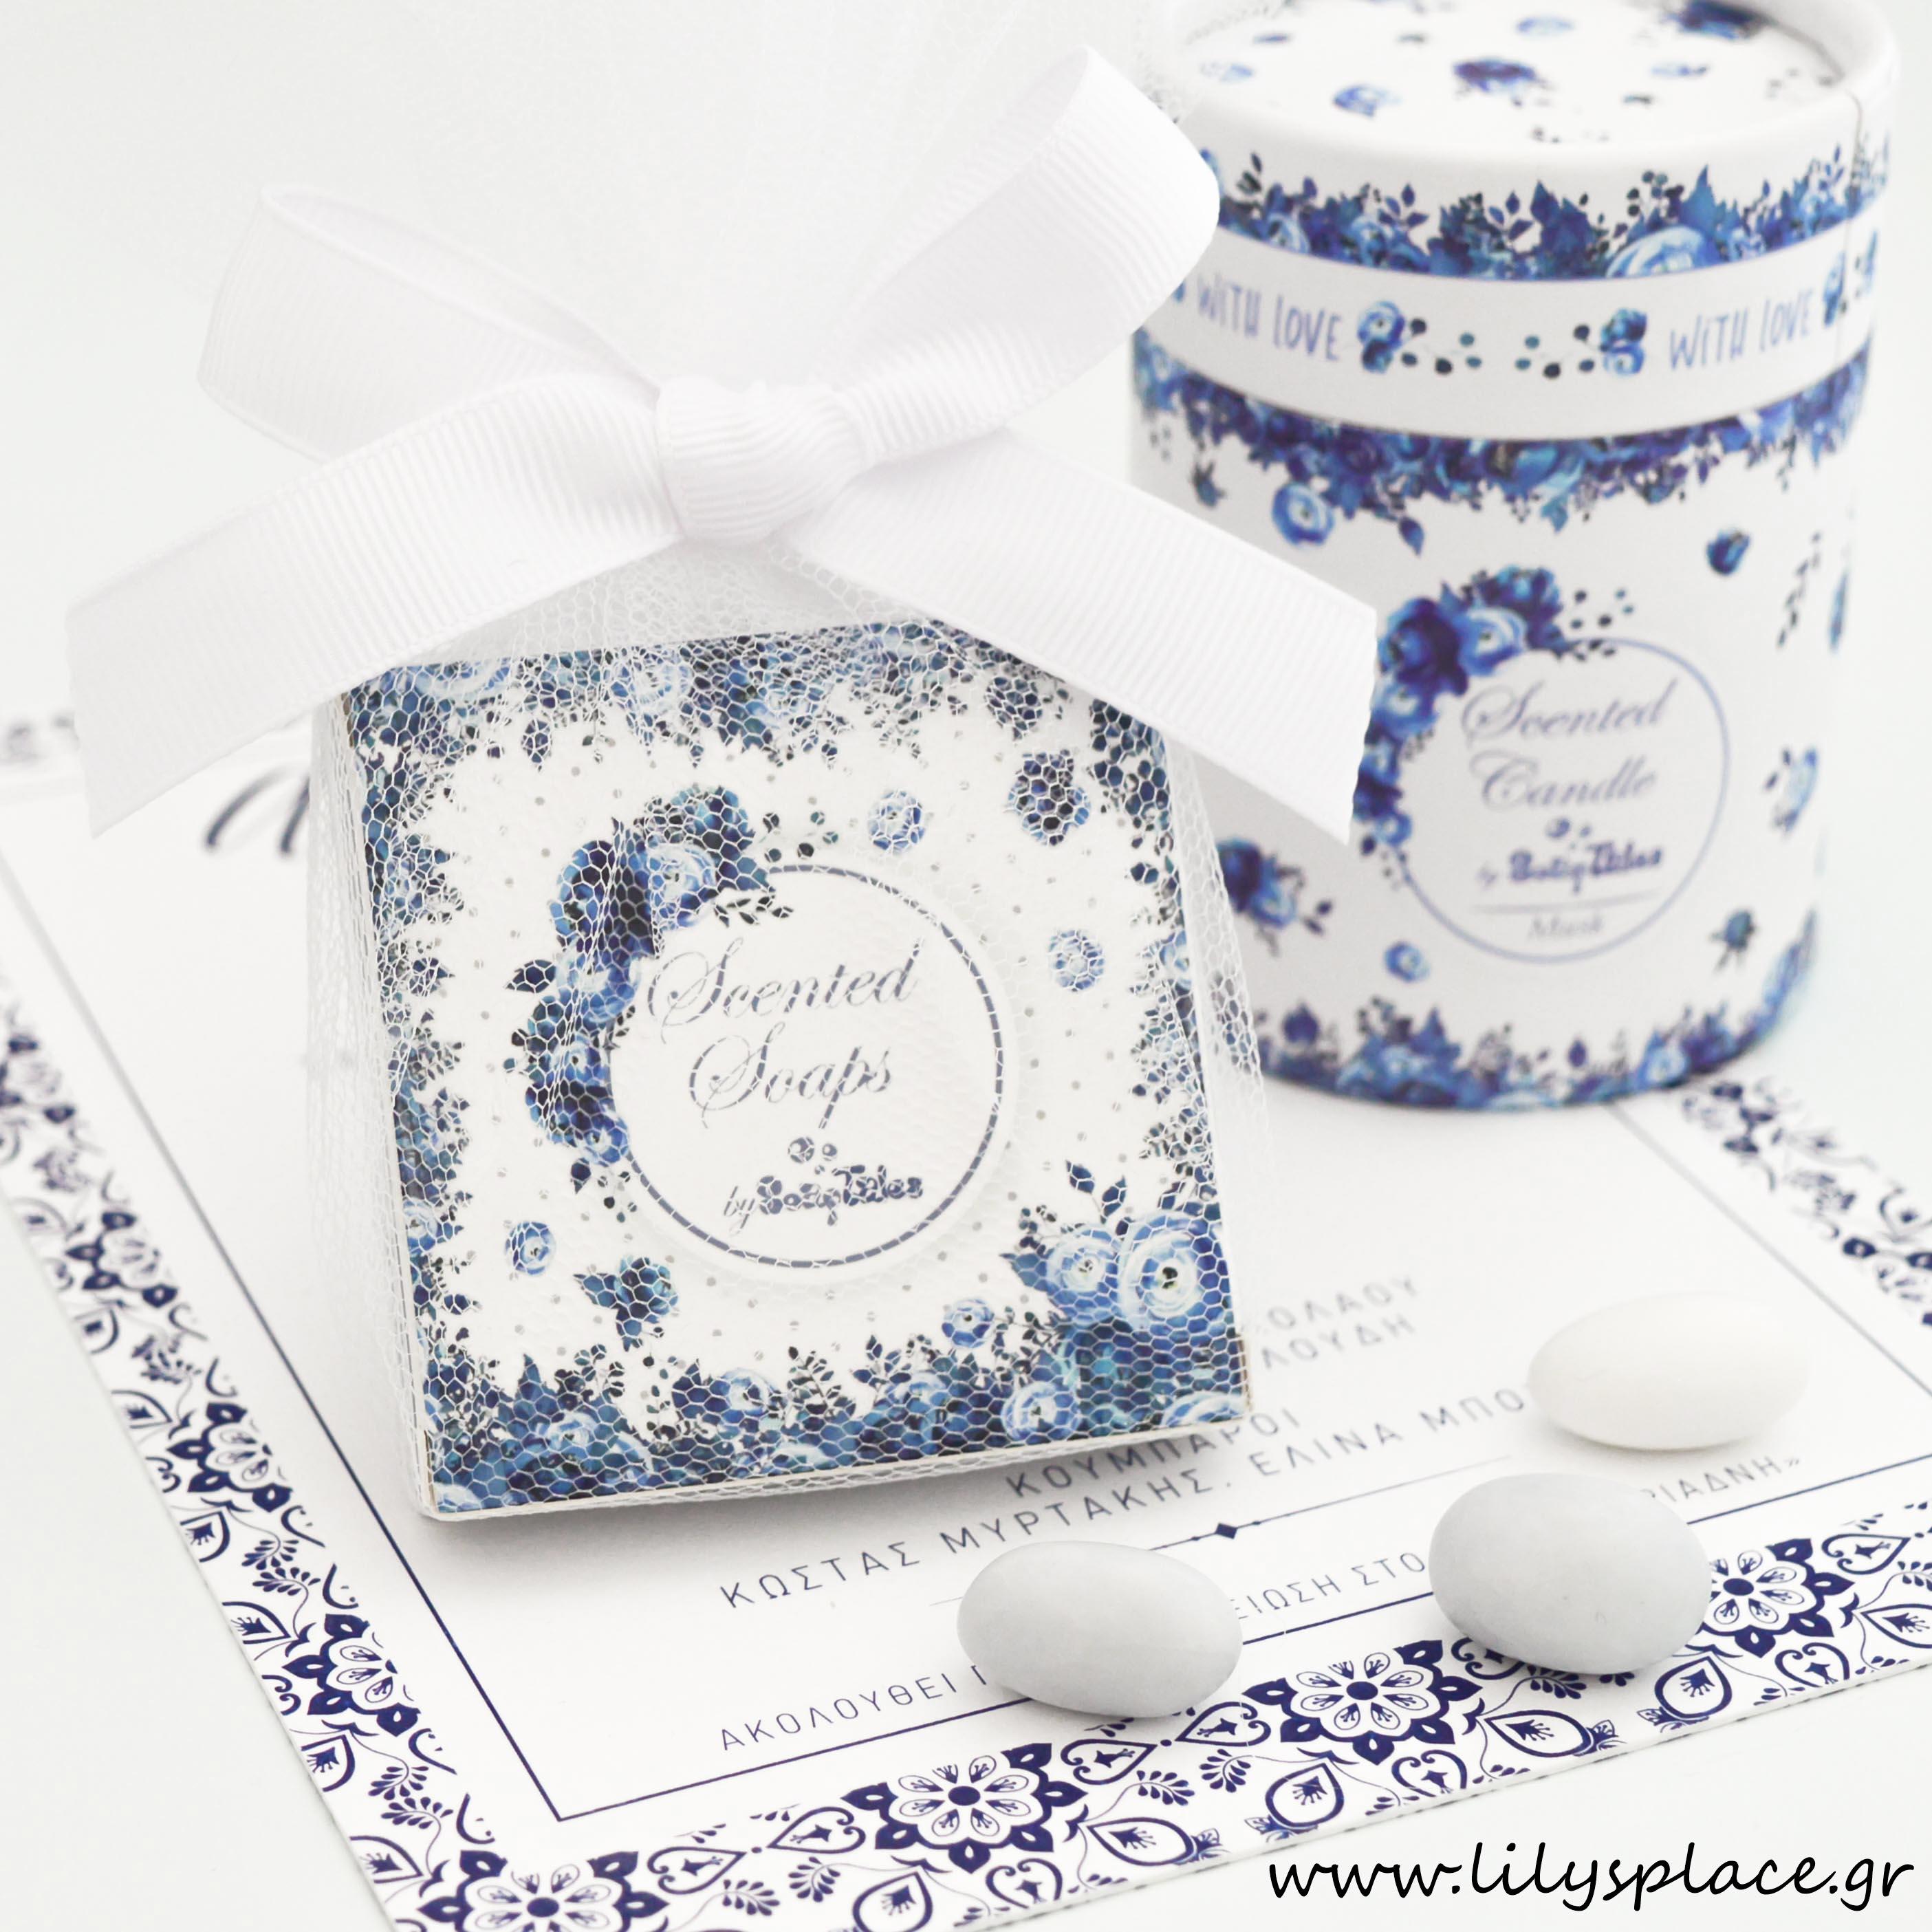 Μπομπονιέρα σαπουνάκι σε κουτάκι μπλε λουλούδια